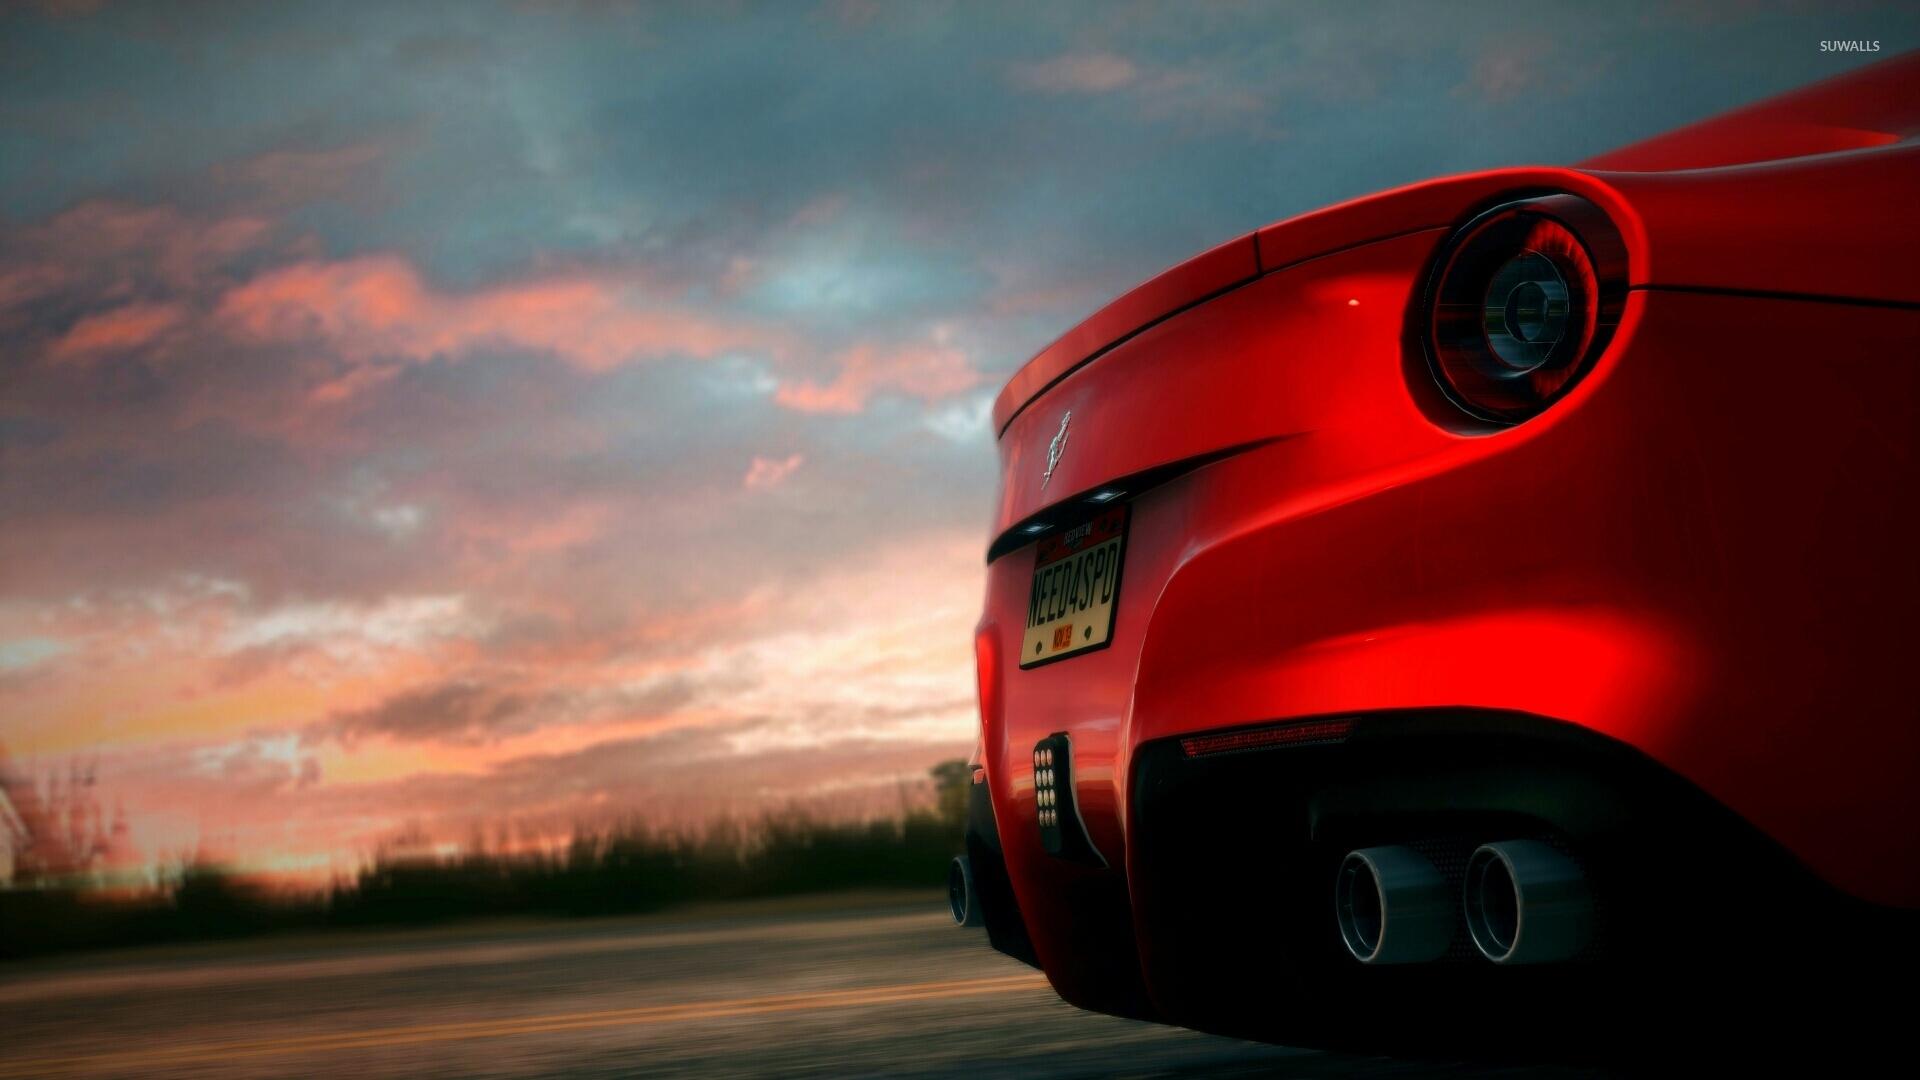 Fondo Escritorio Ferrari F12 Berlinetta: Need For Speed: Rivals [2